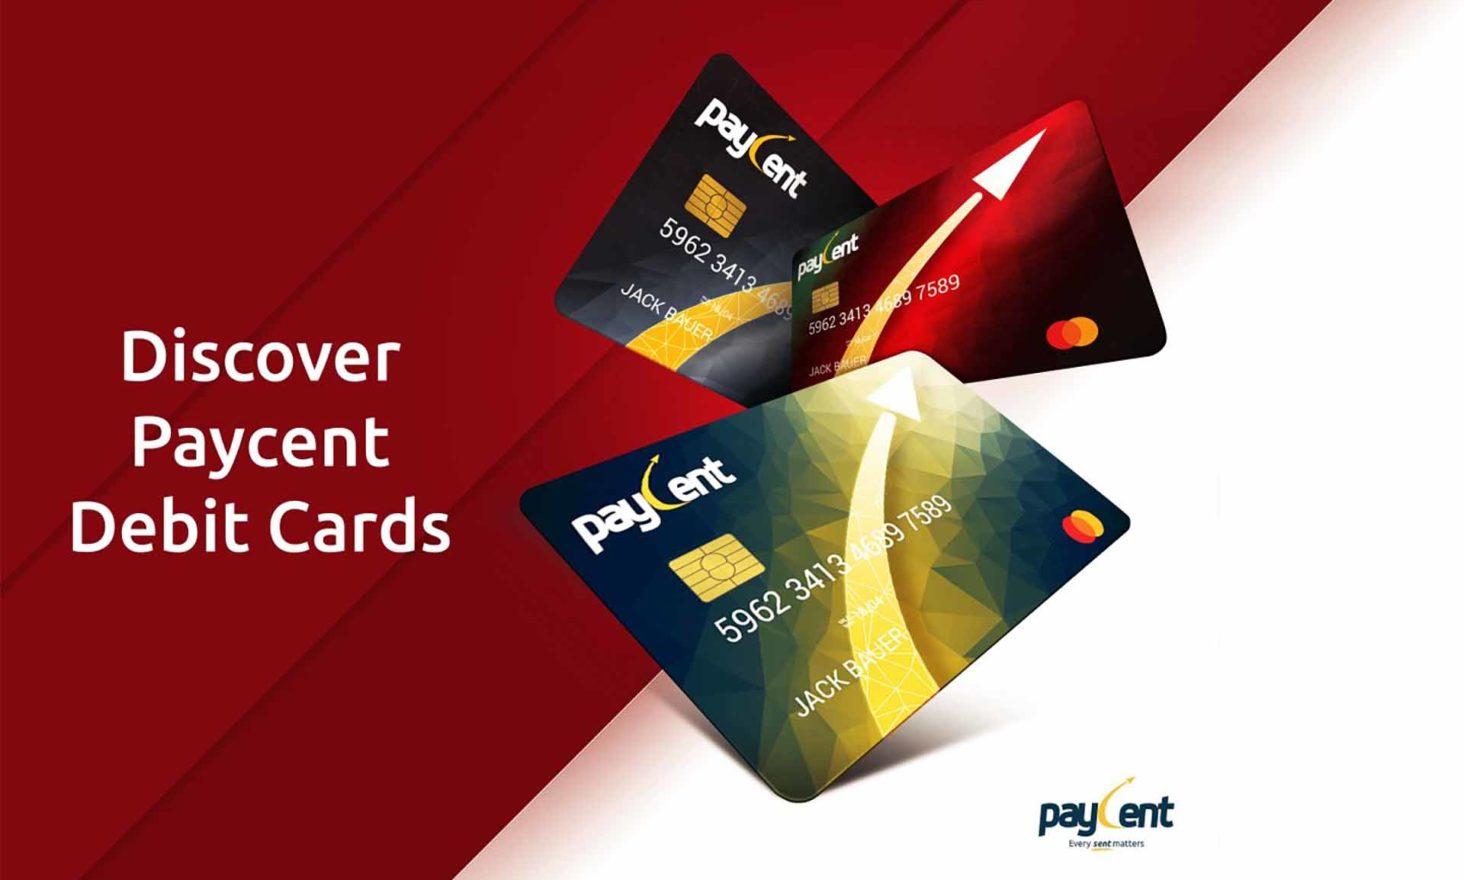 Paycent Debit Cards